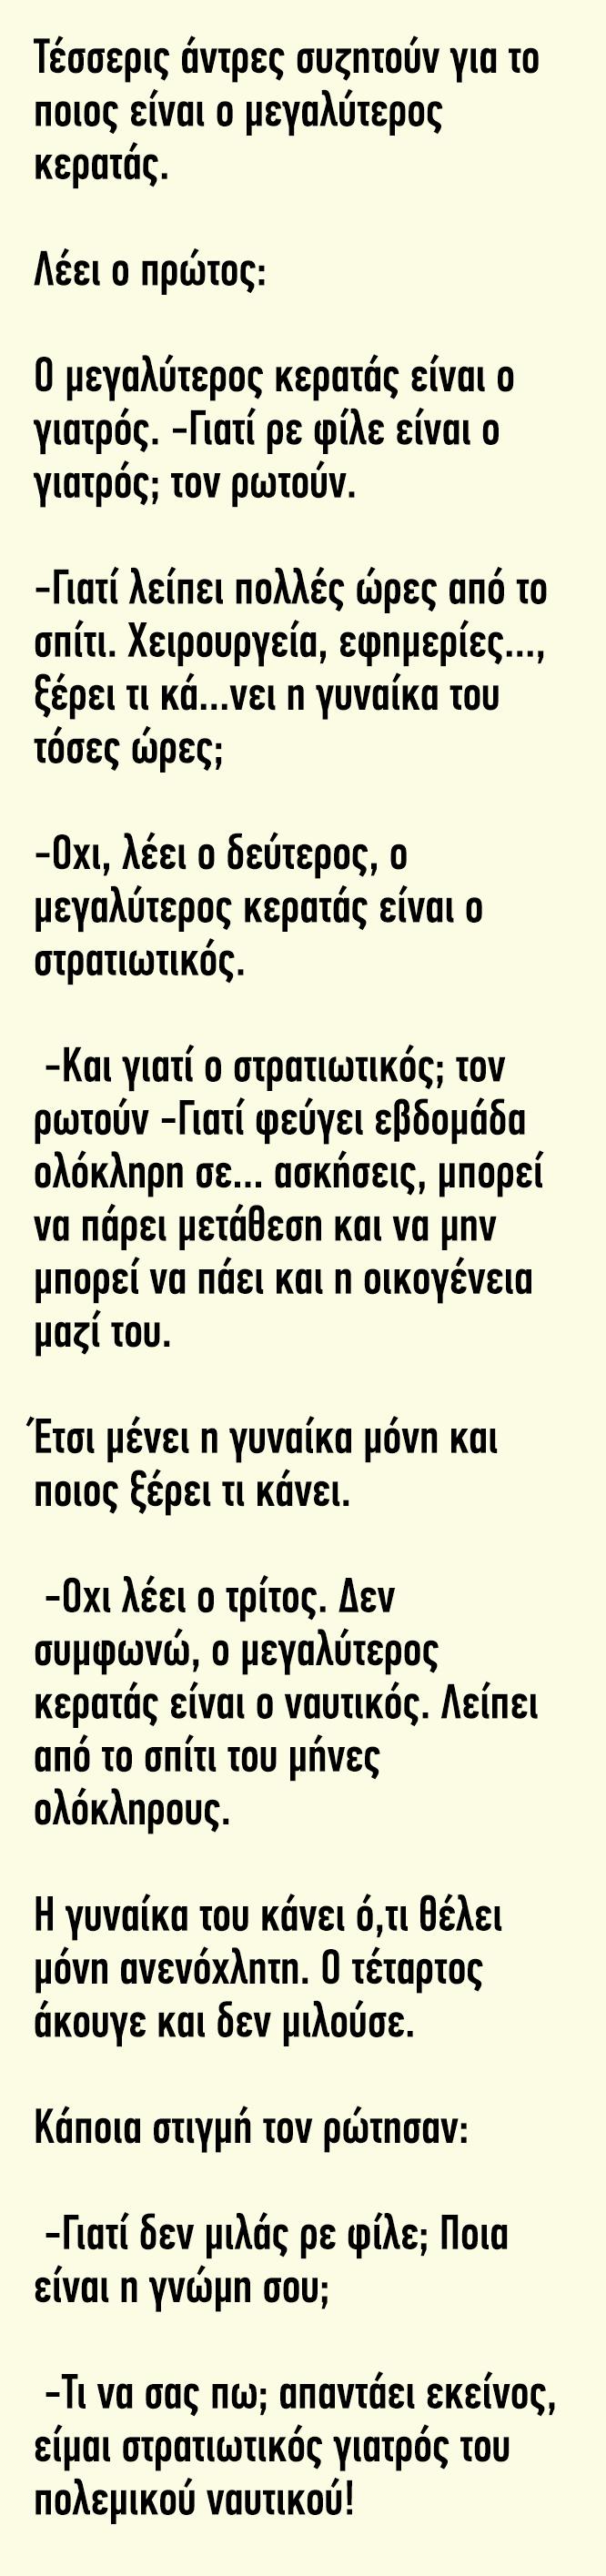 keratas1